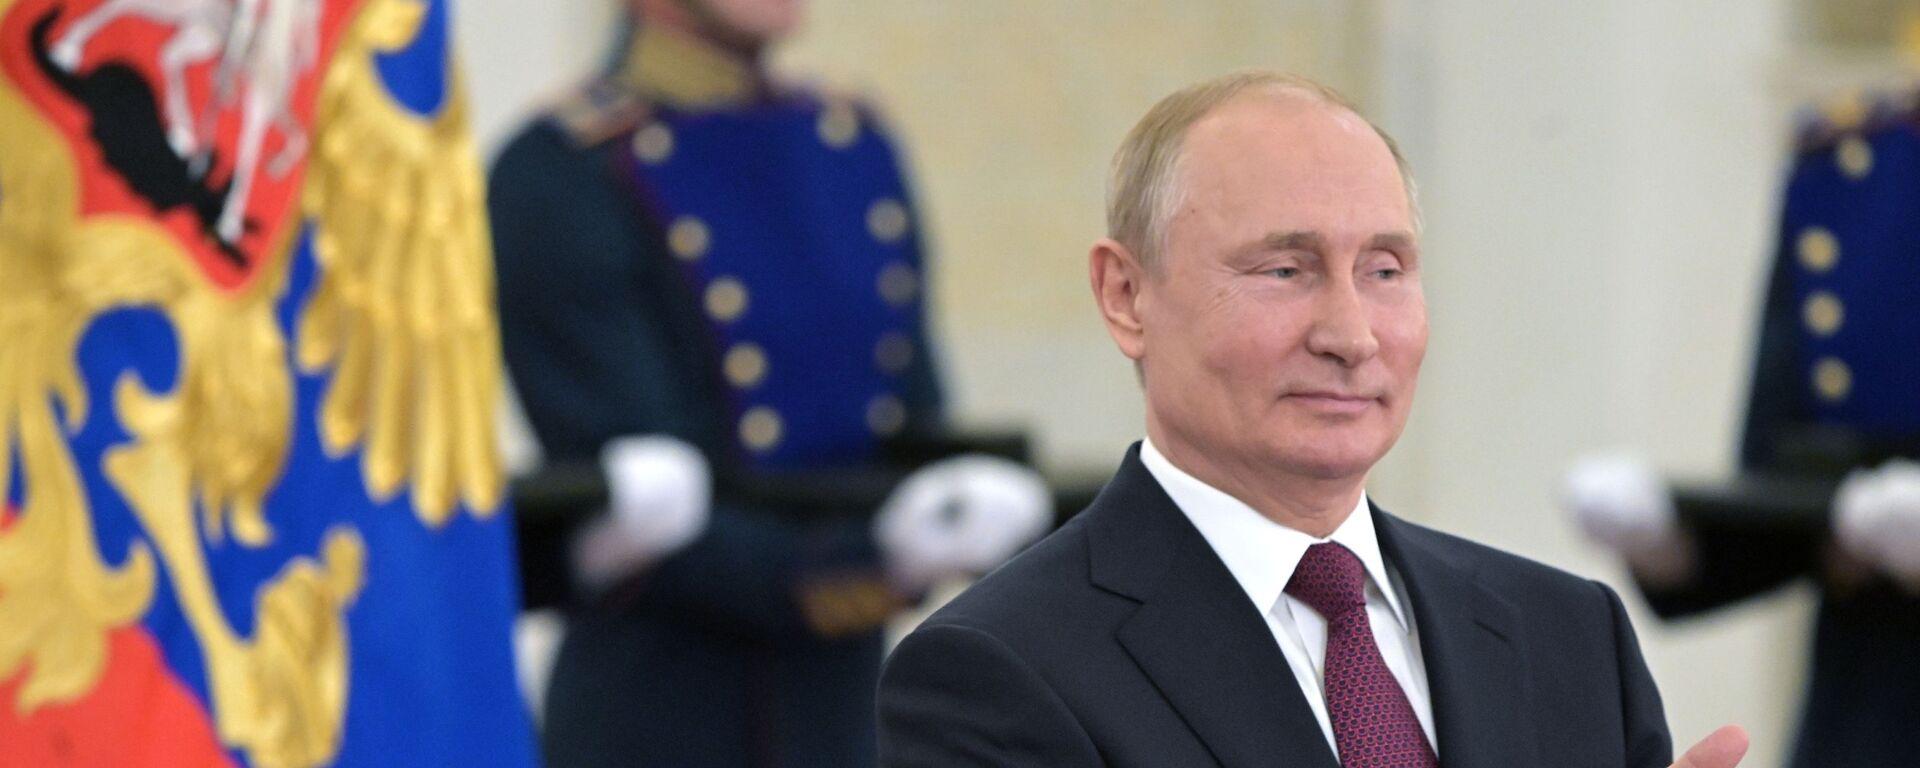 Президент РФ Владимир Путин, архивное фото - Sputnik Таджикистан, 1920, 08.06.2021